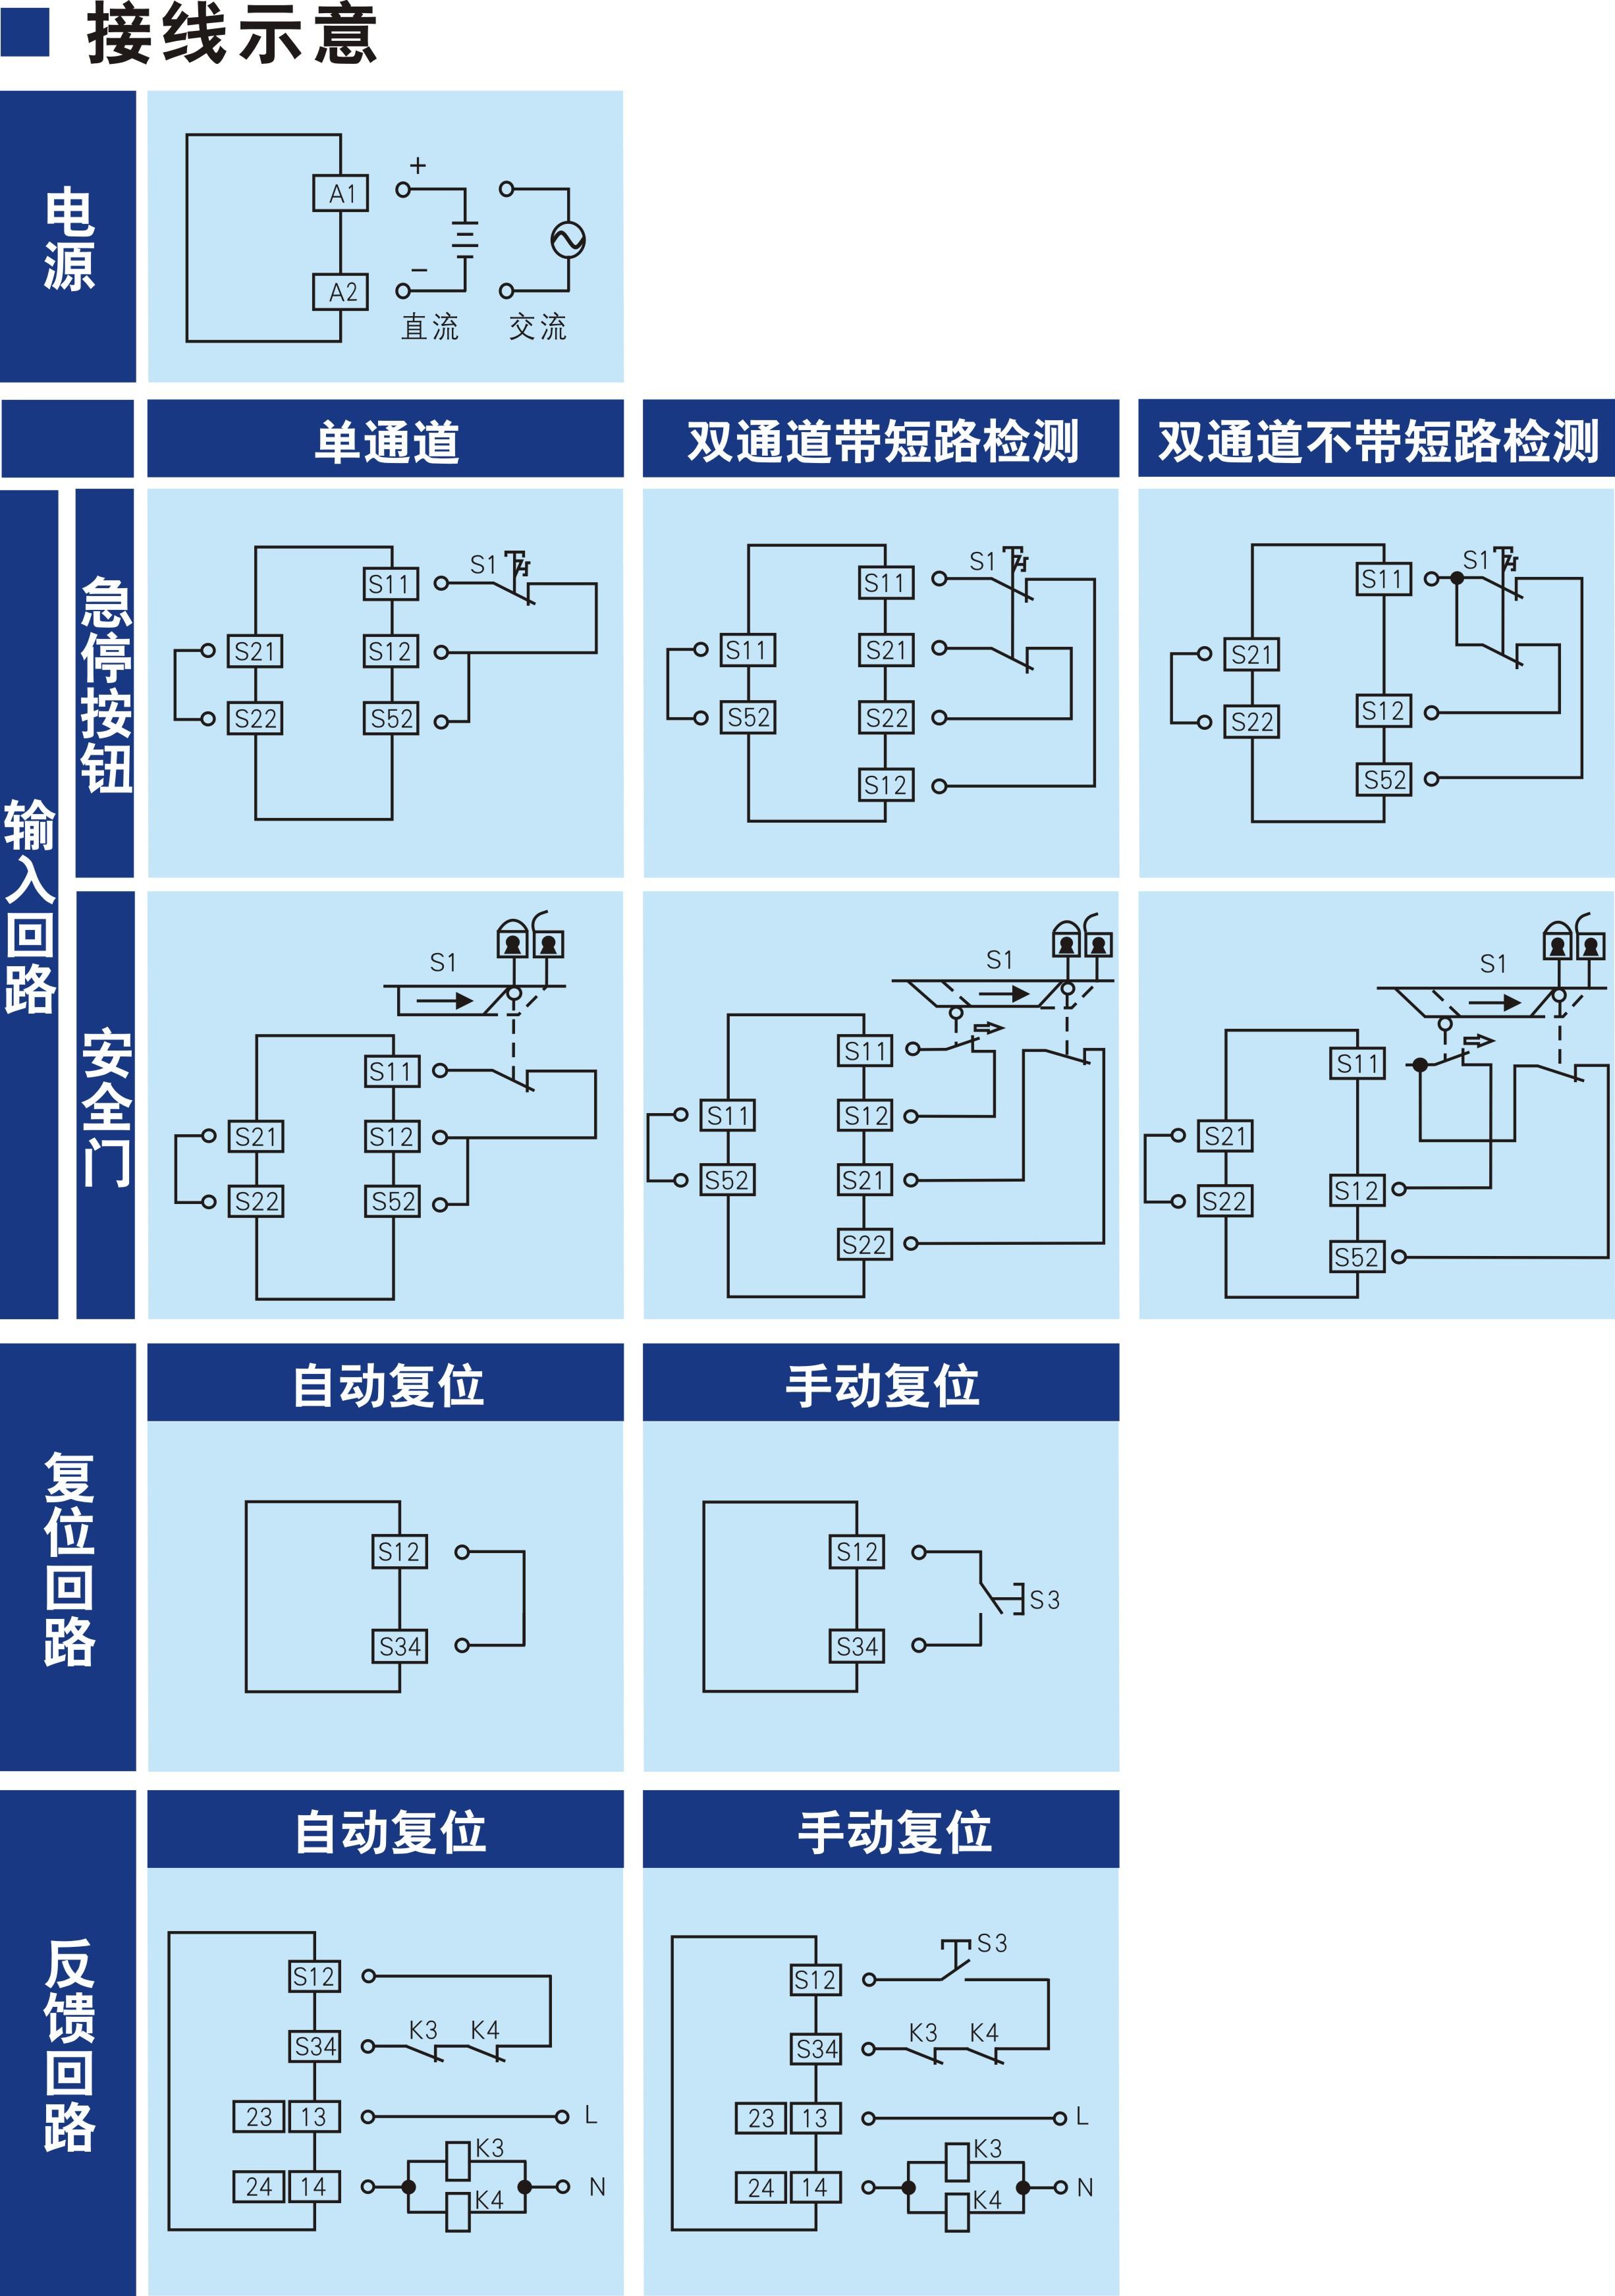 开关型安全设备输入 (急停按钮/安全门 24V DC/AC 2NO+2NC 自动/手动复位)